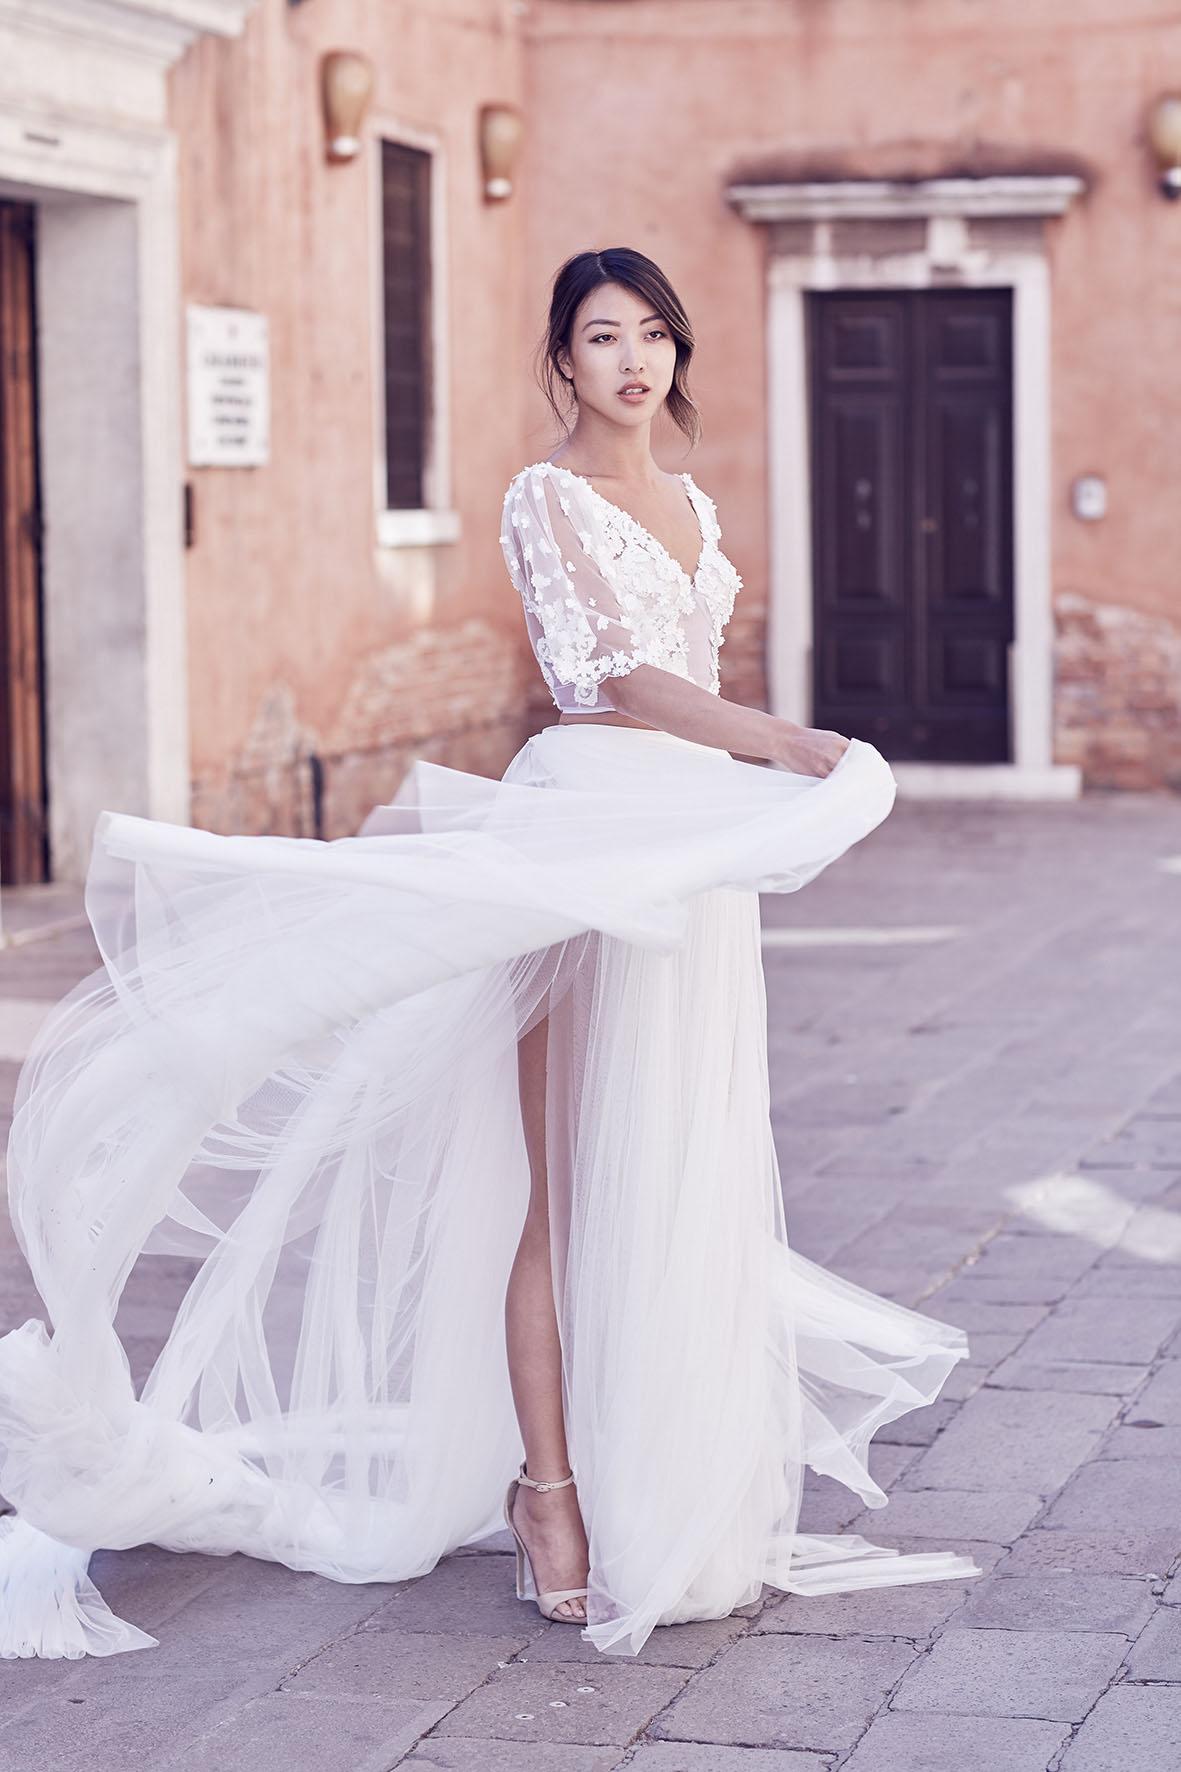 Giselle Top & Lolita Skirt